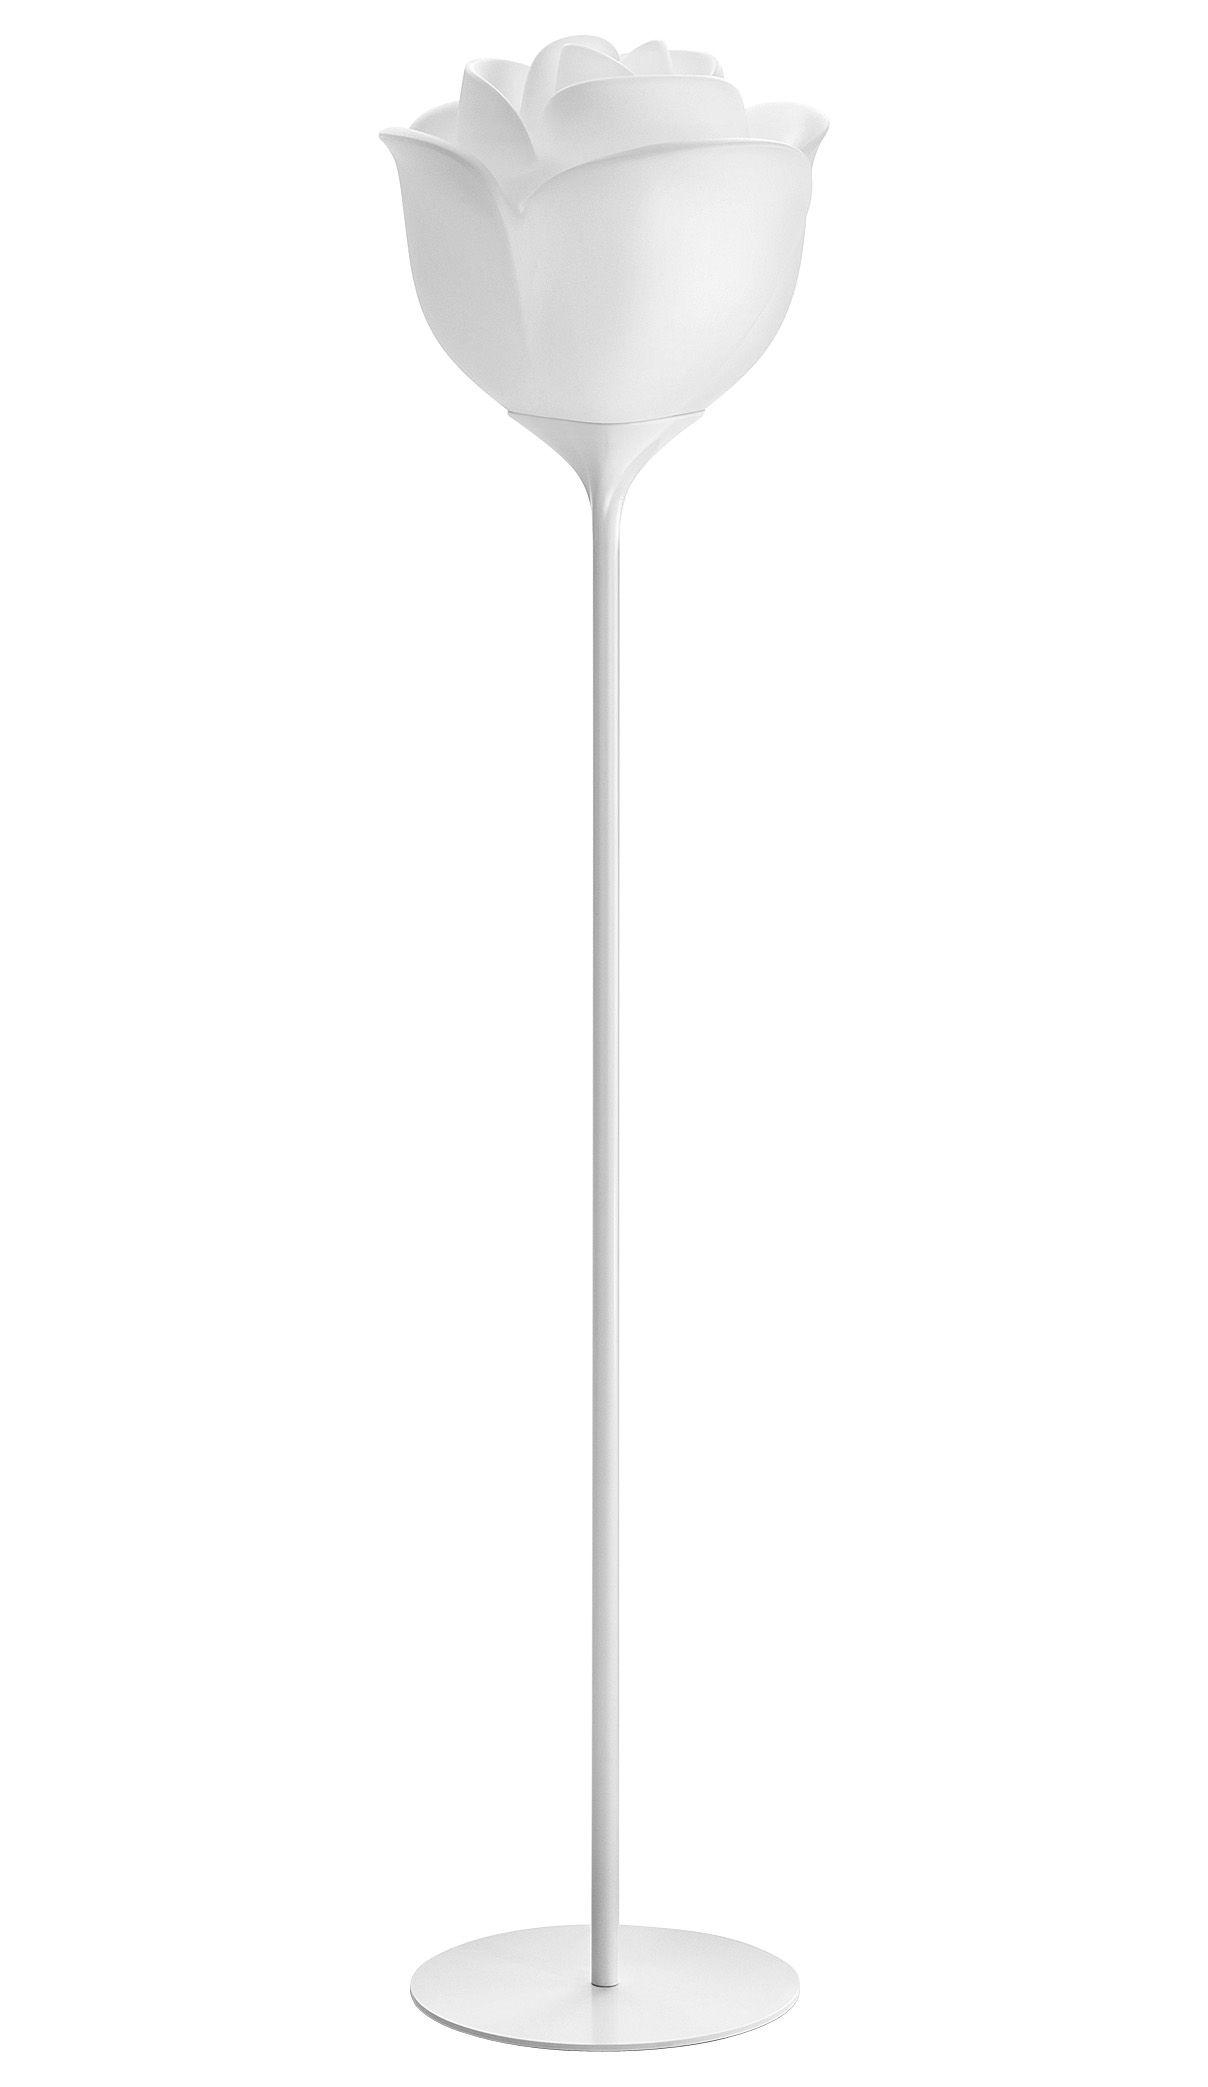 Luminaire - Lampadaires - Lampadaire Baby Love pour l'extérieur - H 175 cm - MyYour - Pied blanc - Abat-jour blanc - Acier laqué, Matière plastique